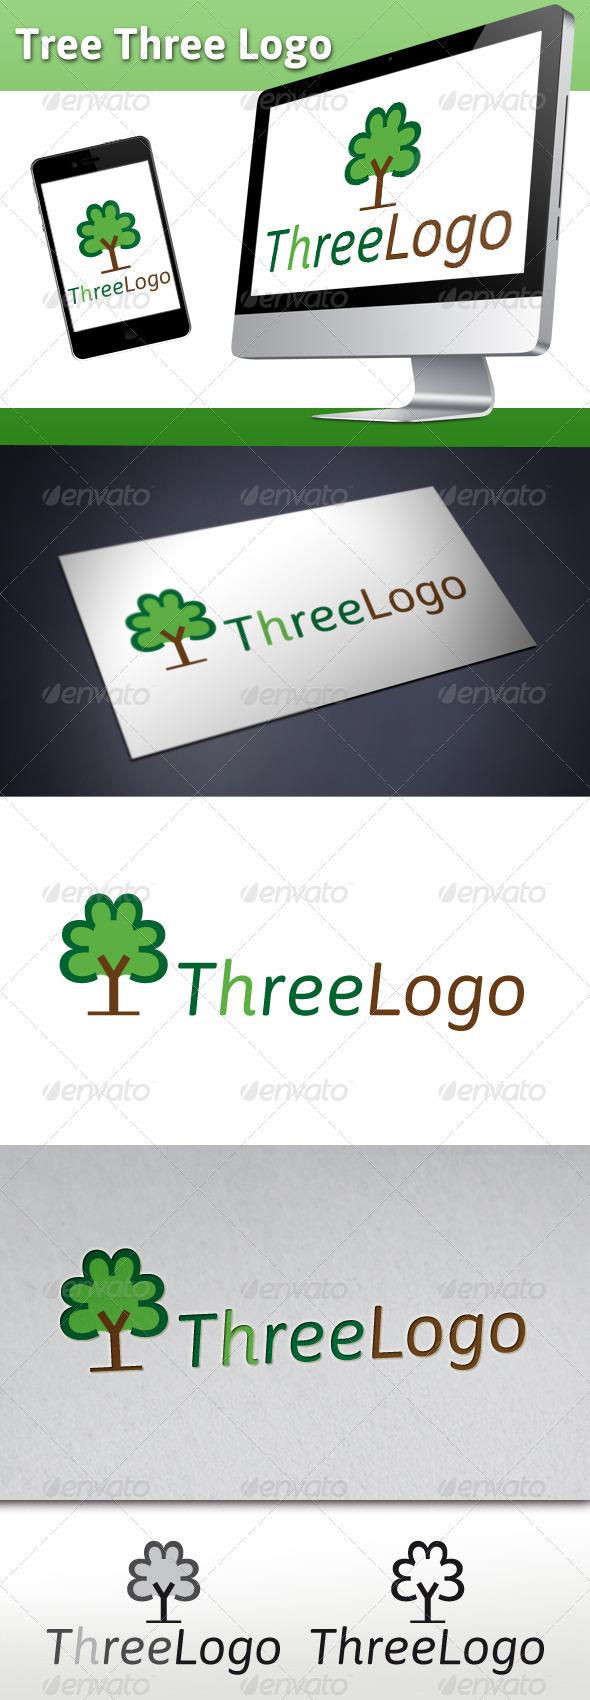 Tree Three Logo - Nature Logo Templates